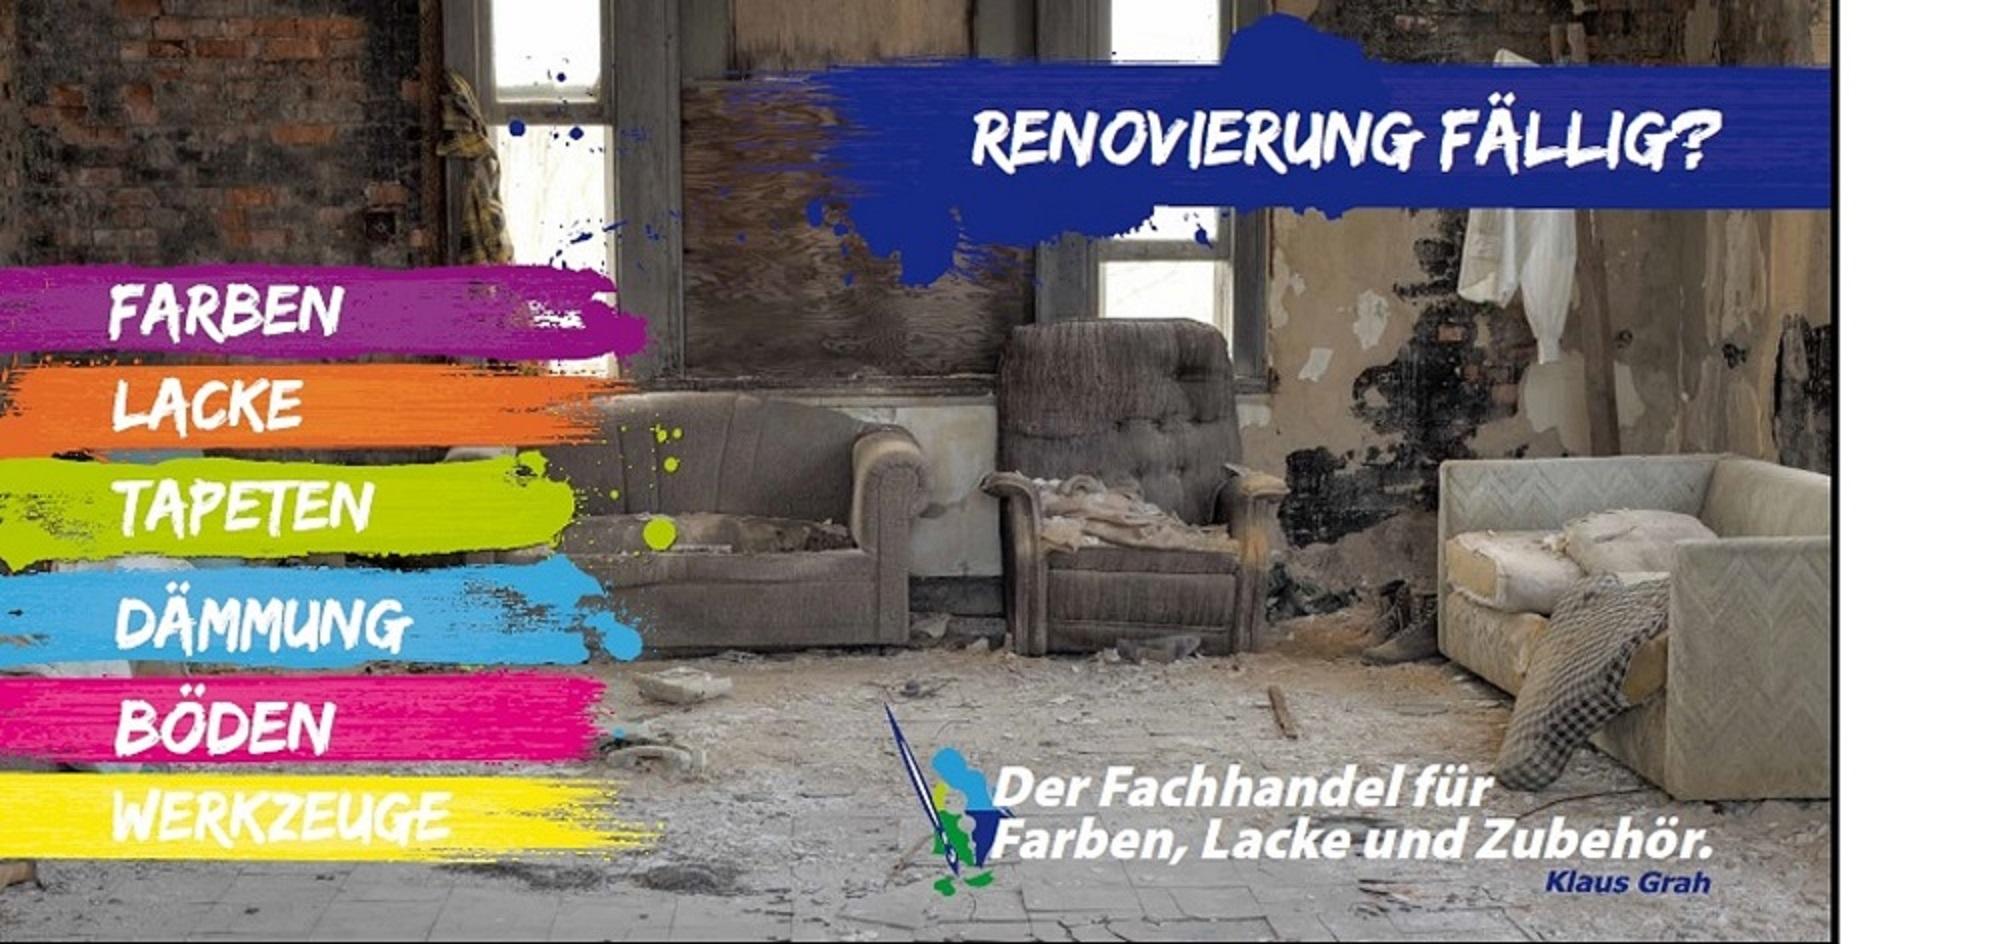 Fotos de Farben Grah GmbH